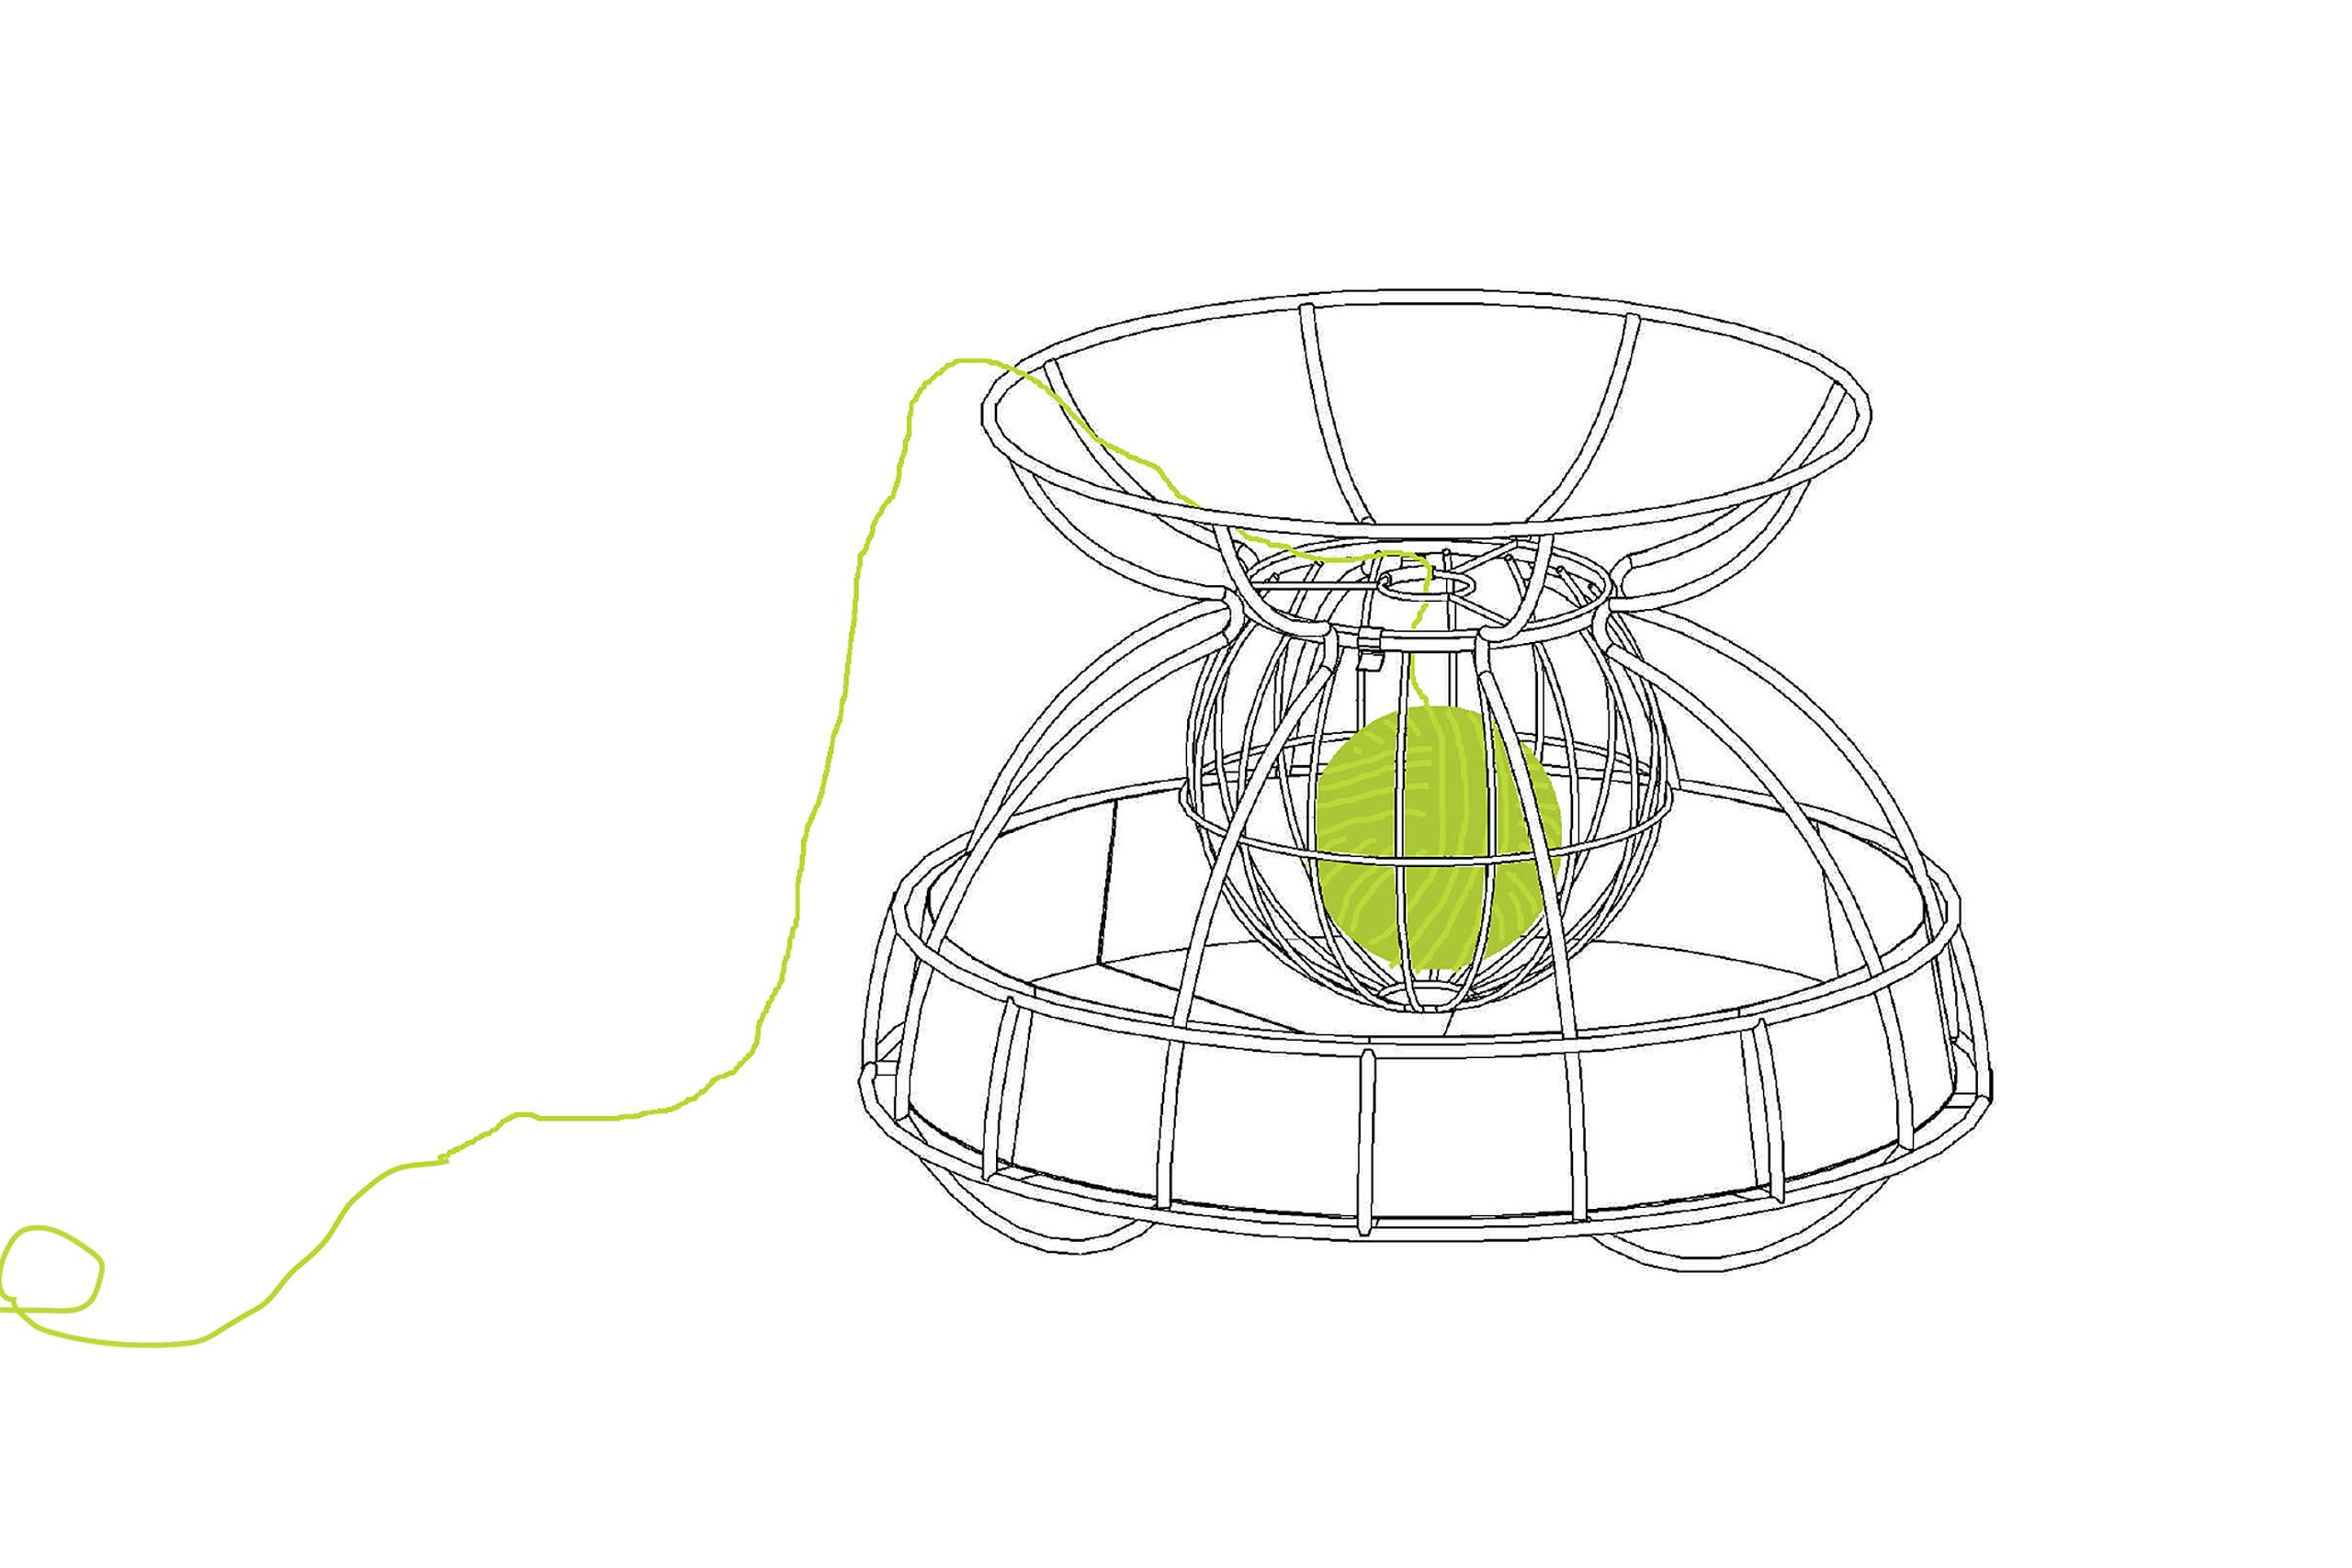 Knitting Basket – Judith Woker (BA)   Illustration: Judith Woker